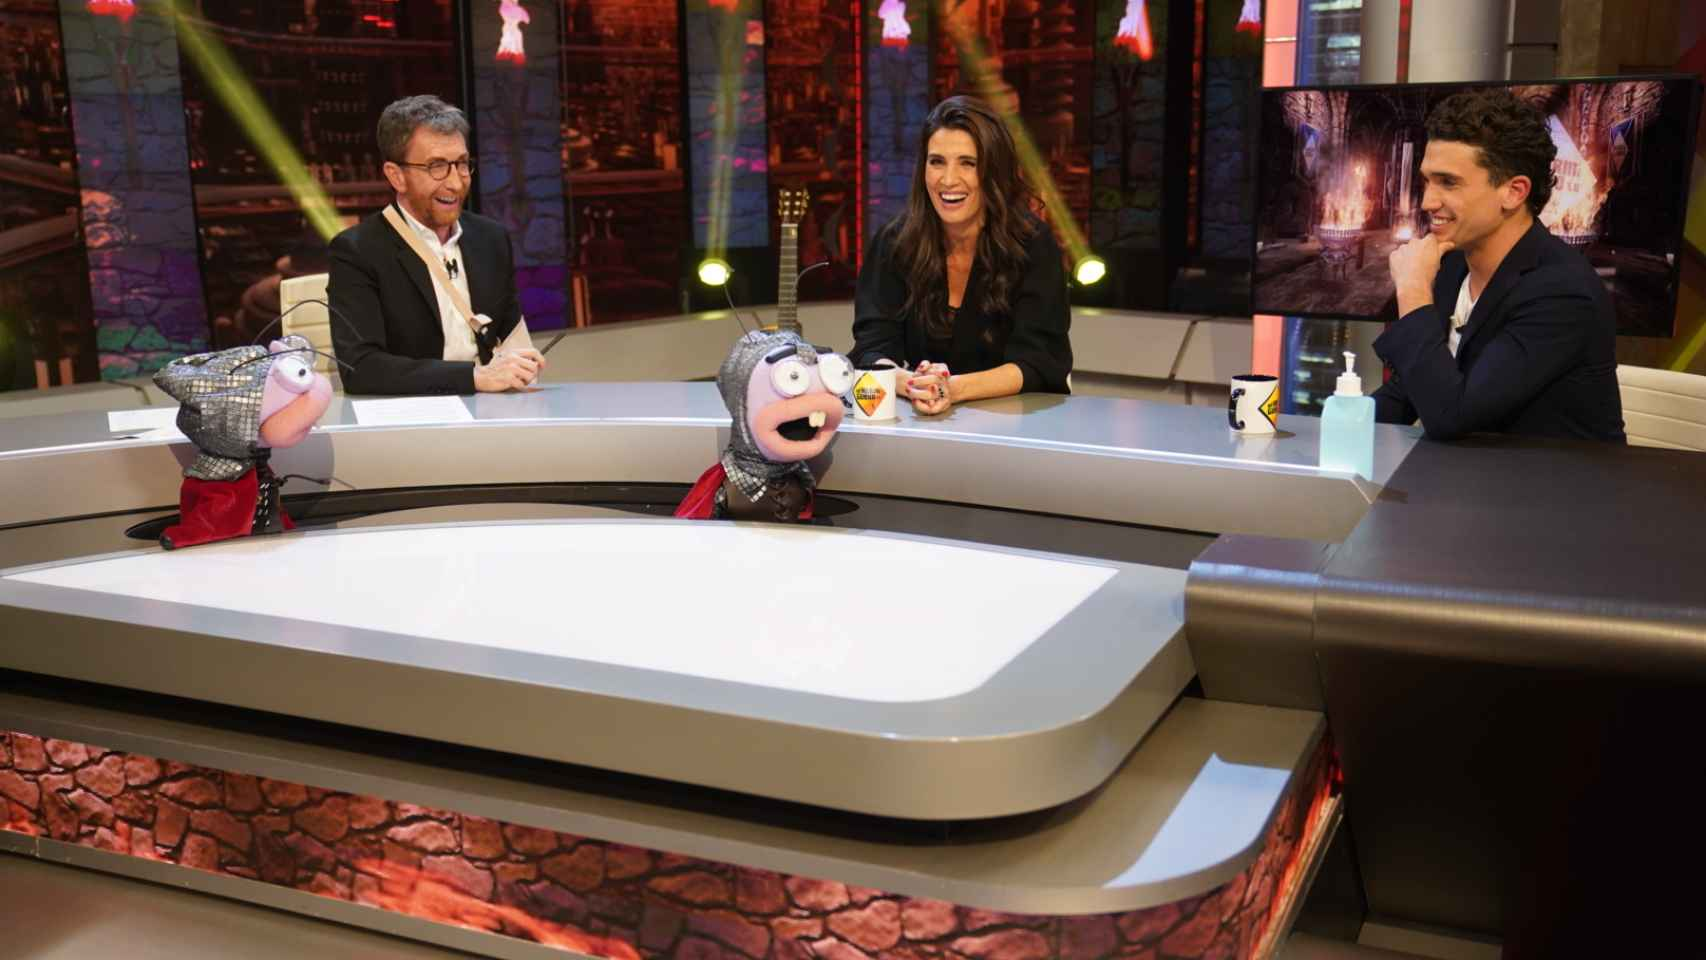 Jaime Lorente y Elia Galera junto a Pablo Motos en 'El Hormiguero'.